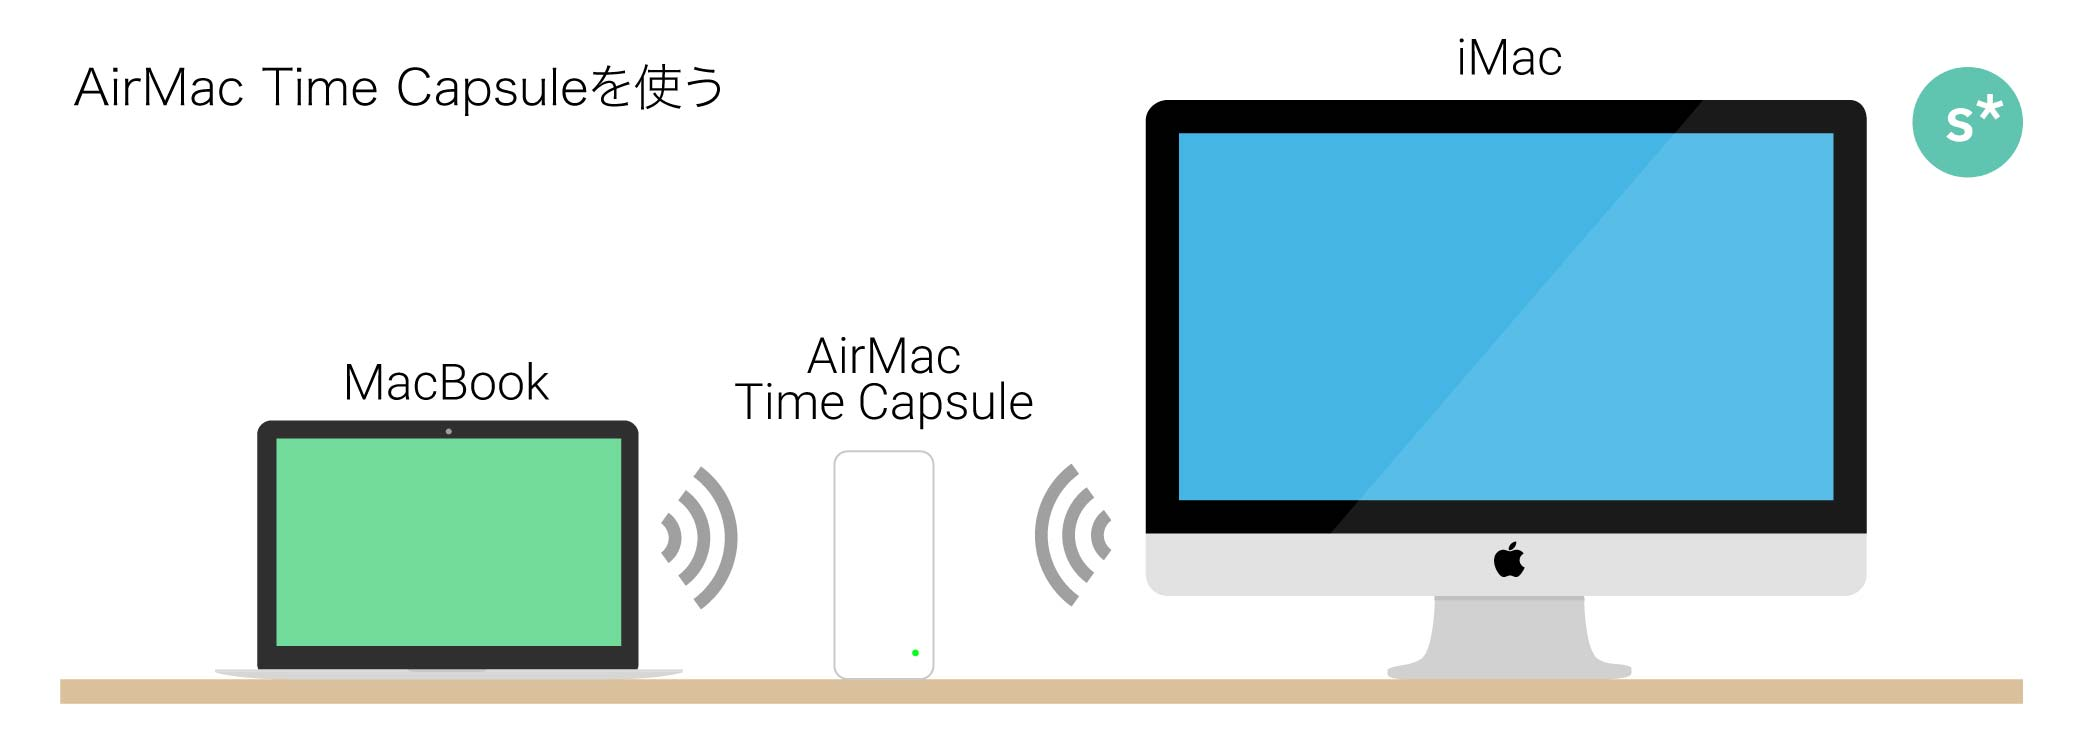 2mac_timecapsule